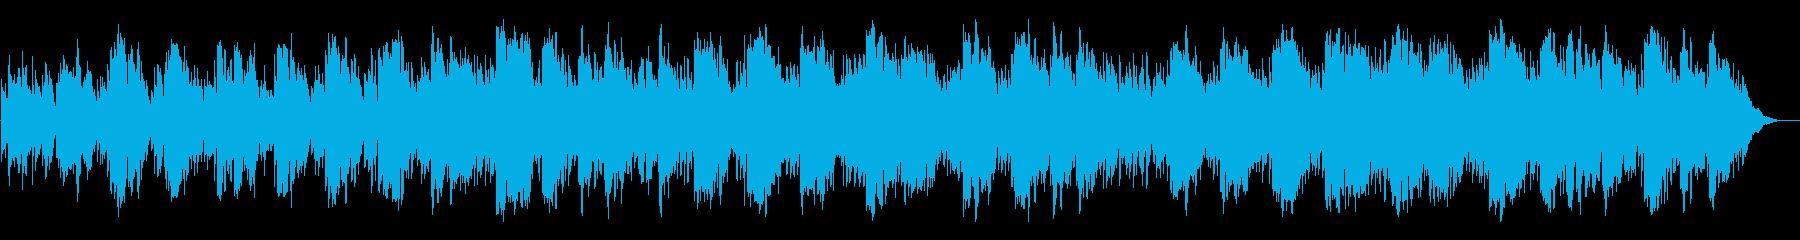 フォーク、女性、ボーカル、まろやか...の再生済みの波形